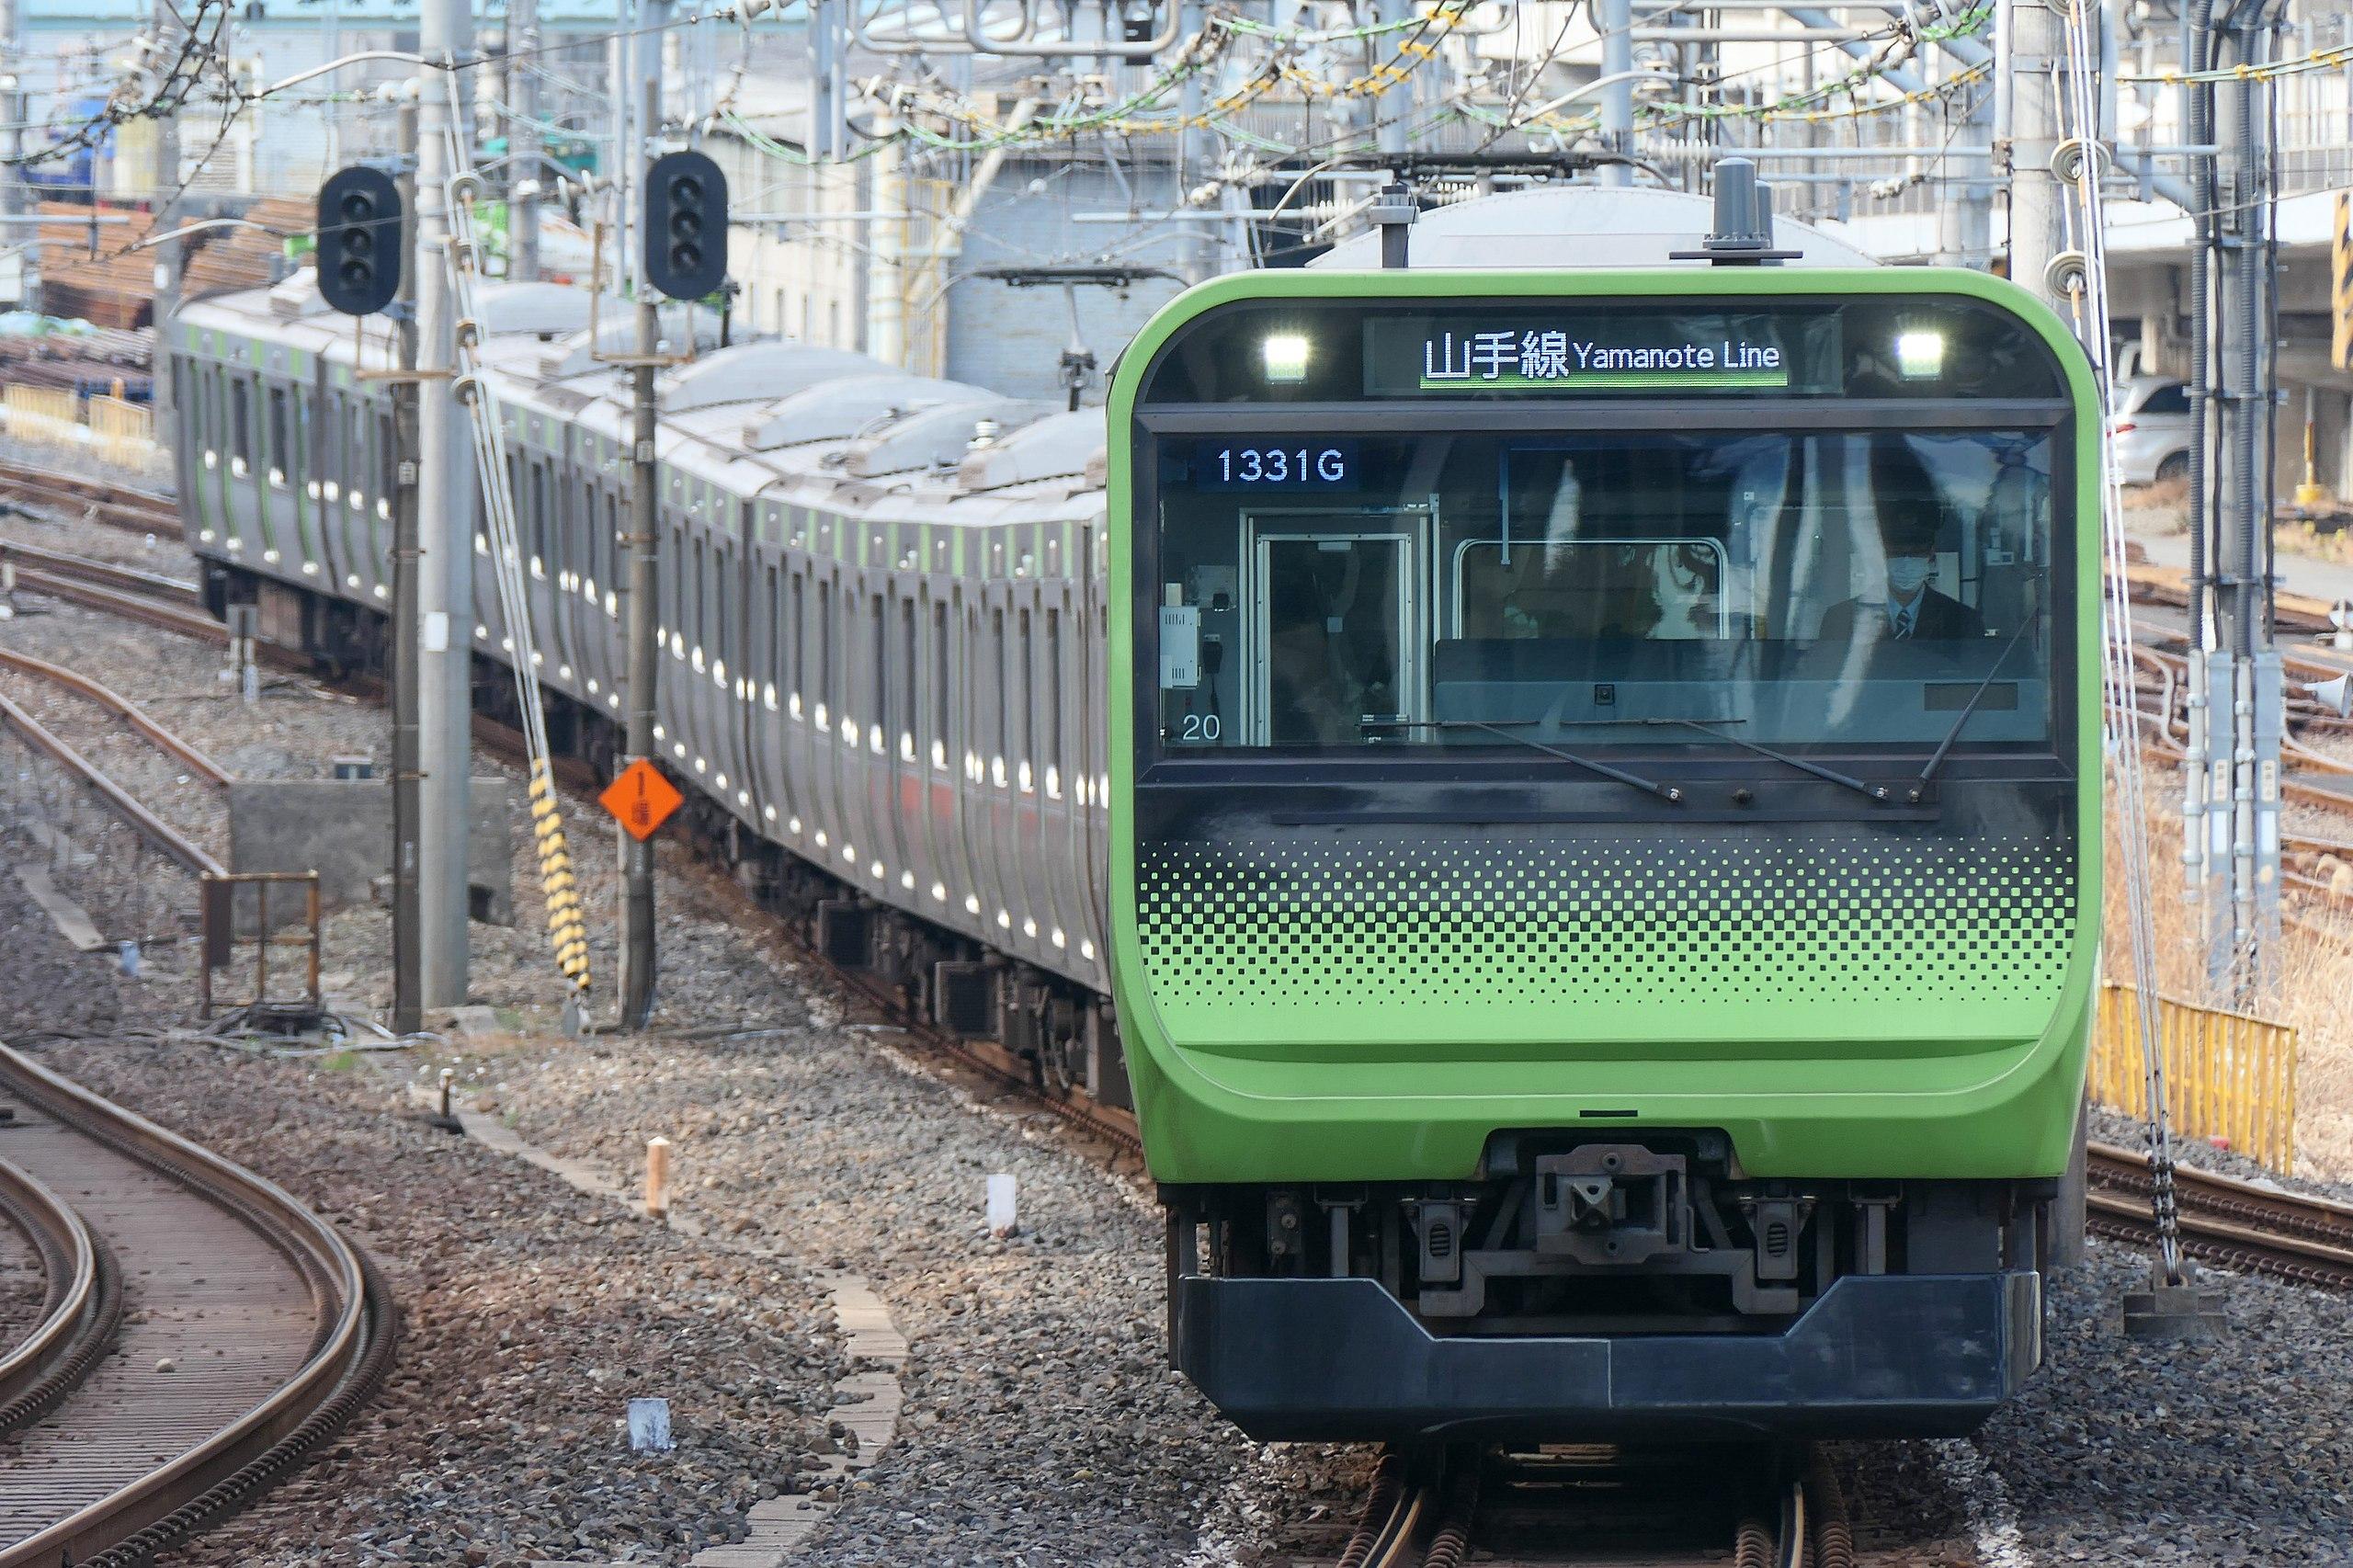 KRL Jalur Yamanote